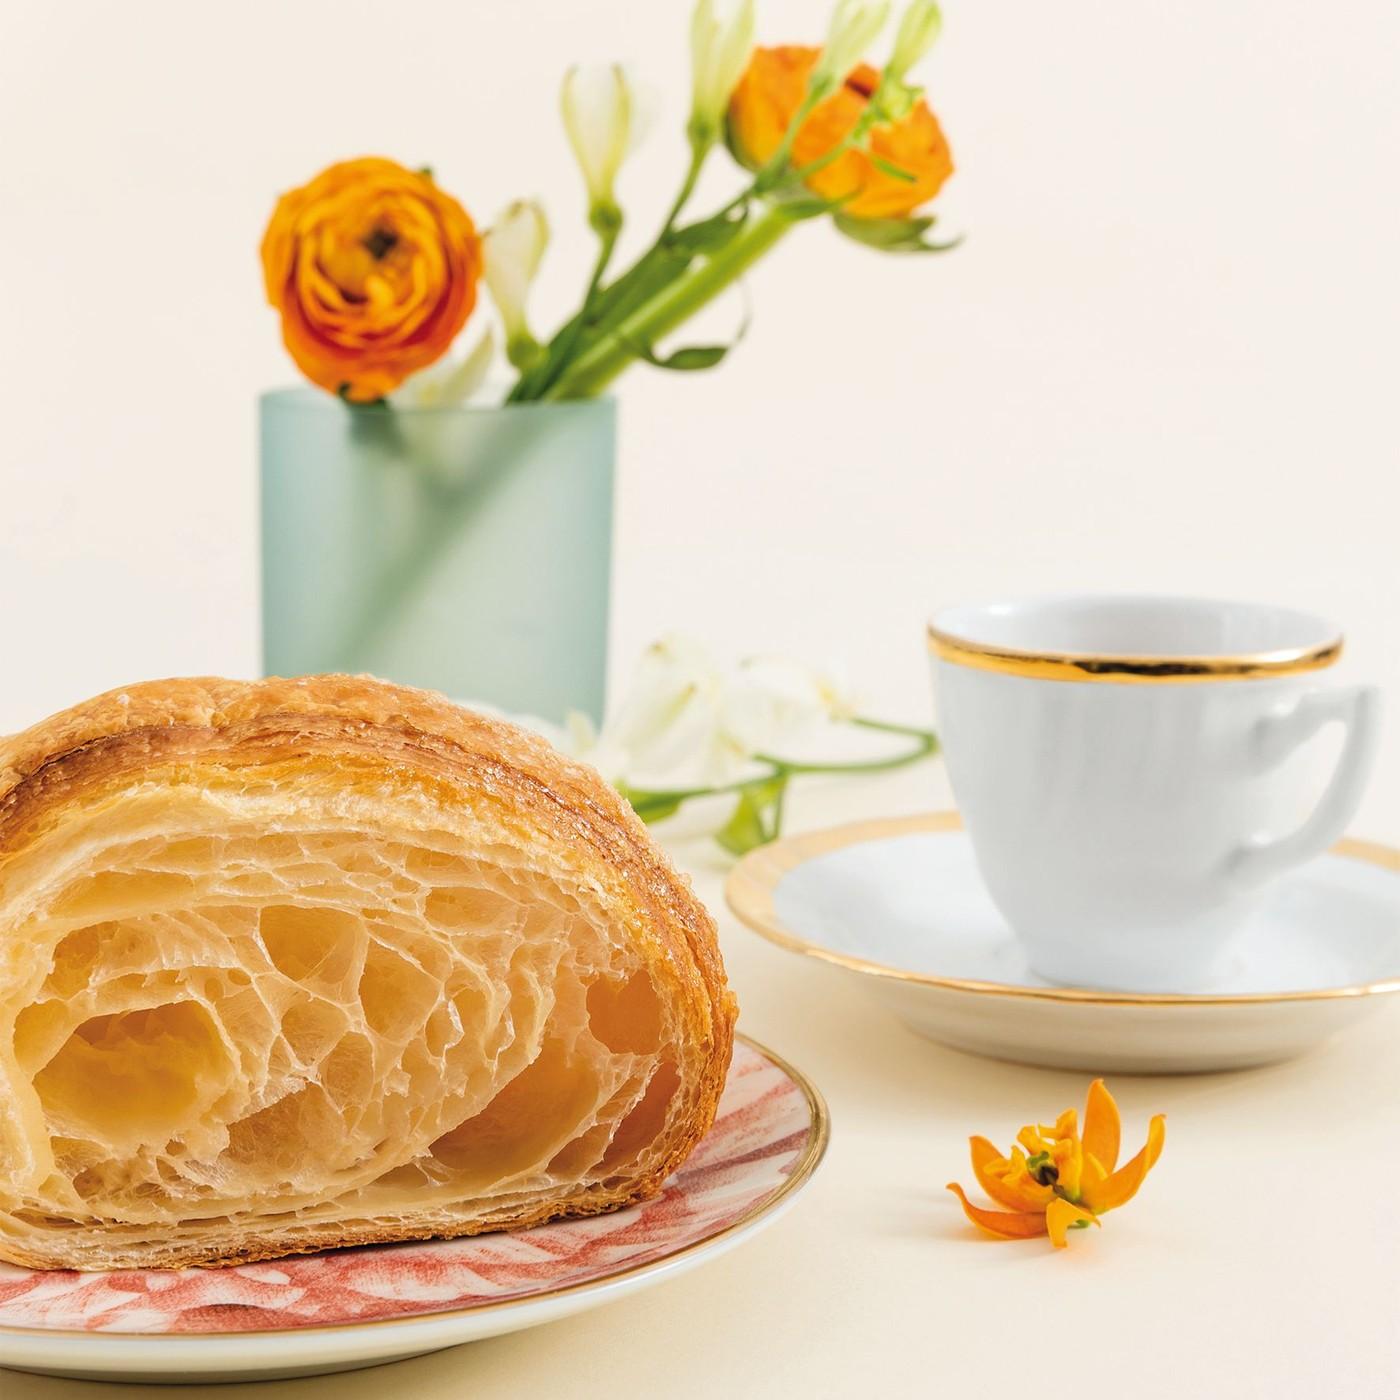 receta de Croissant Extra Curvo Sense Farcit